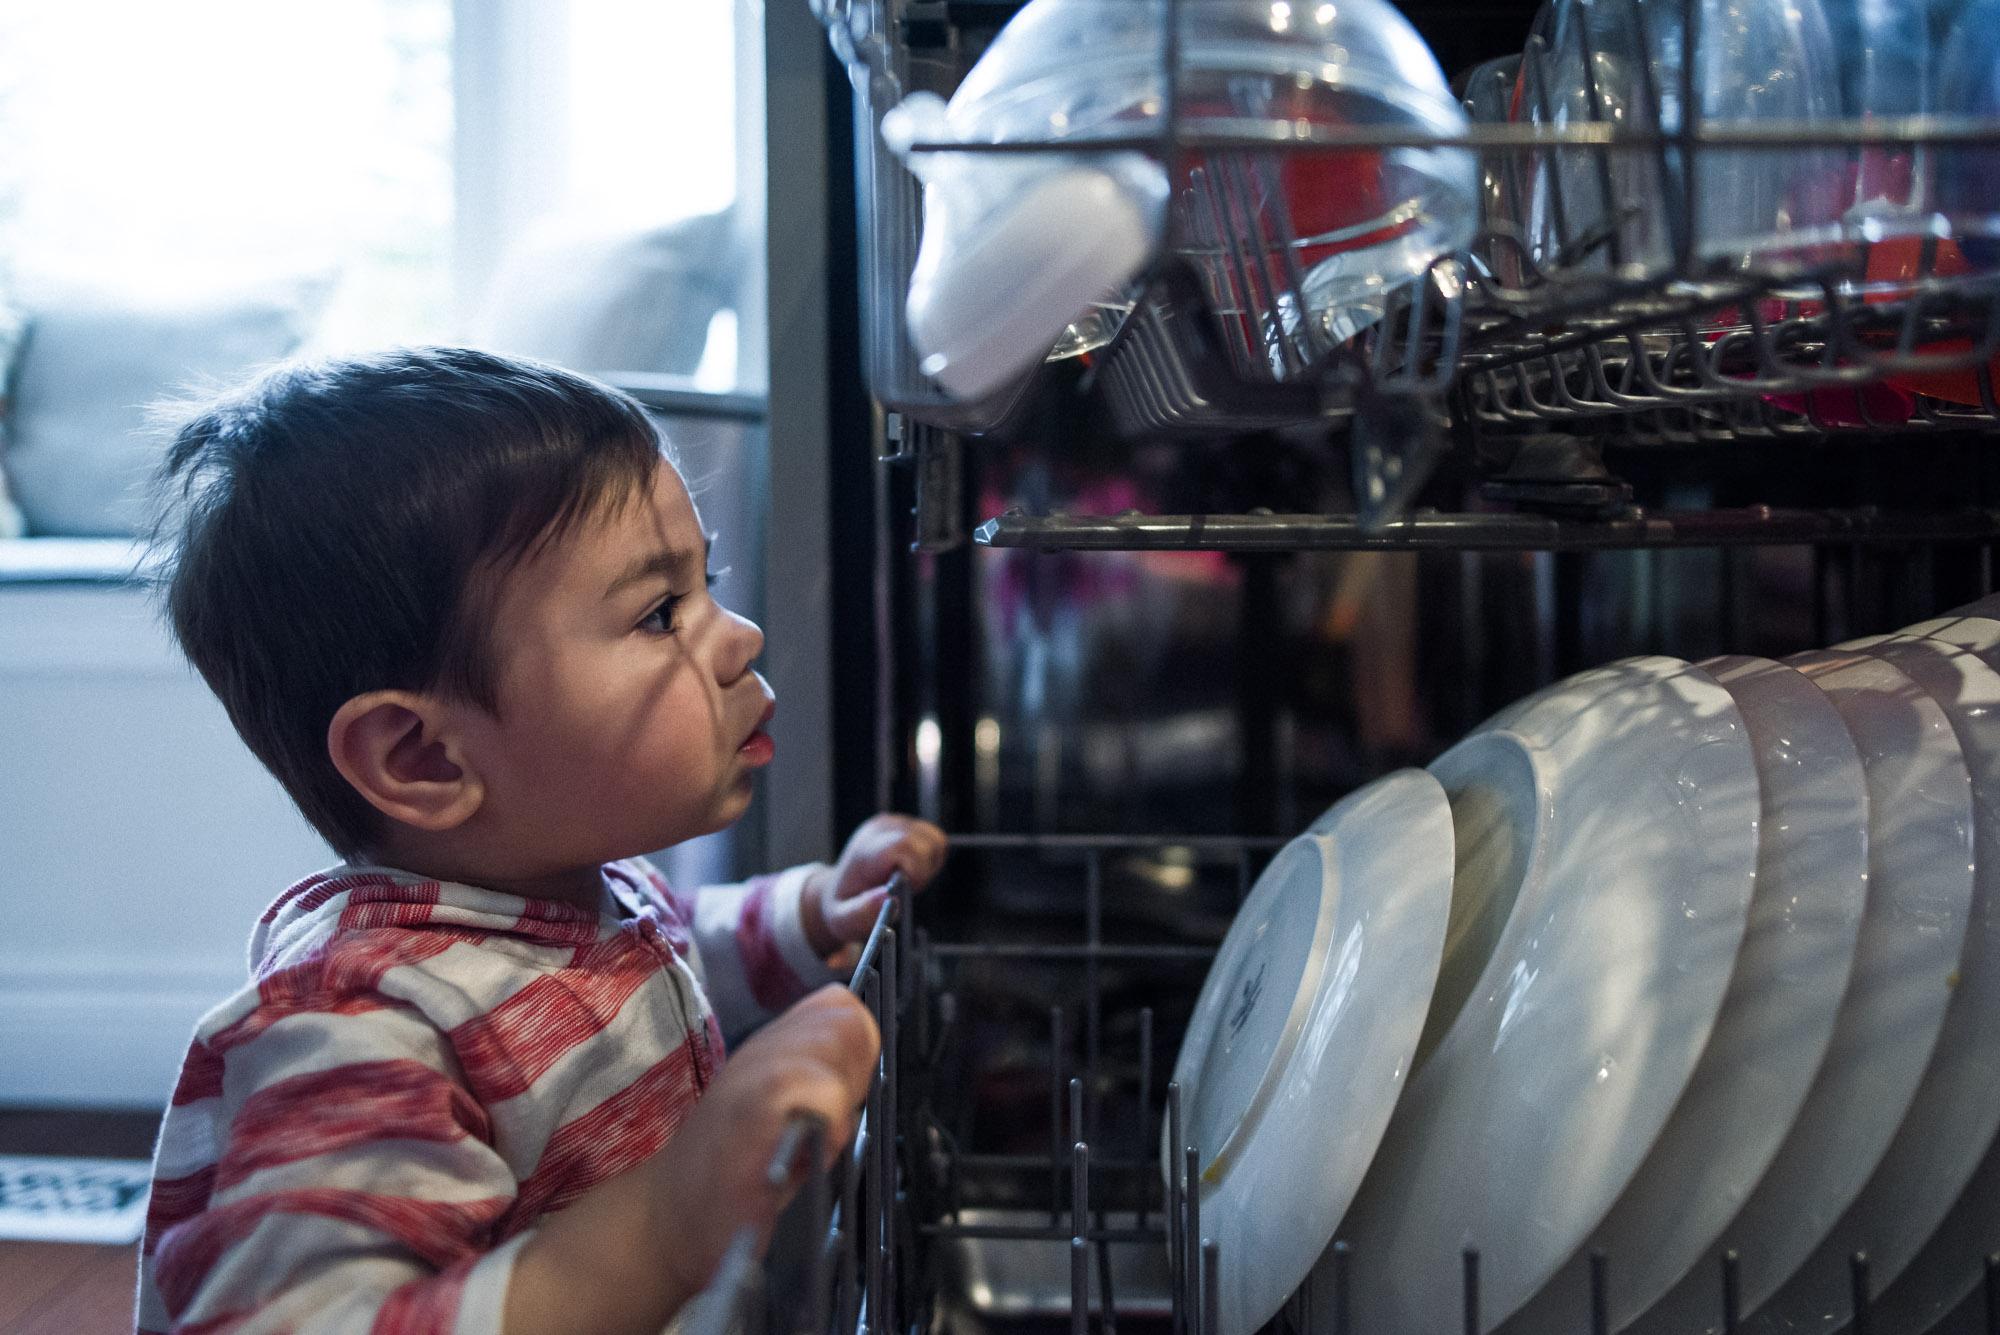 toddler peeks into dishwasher